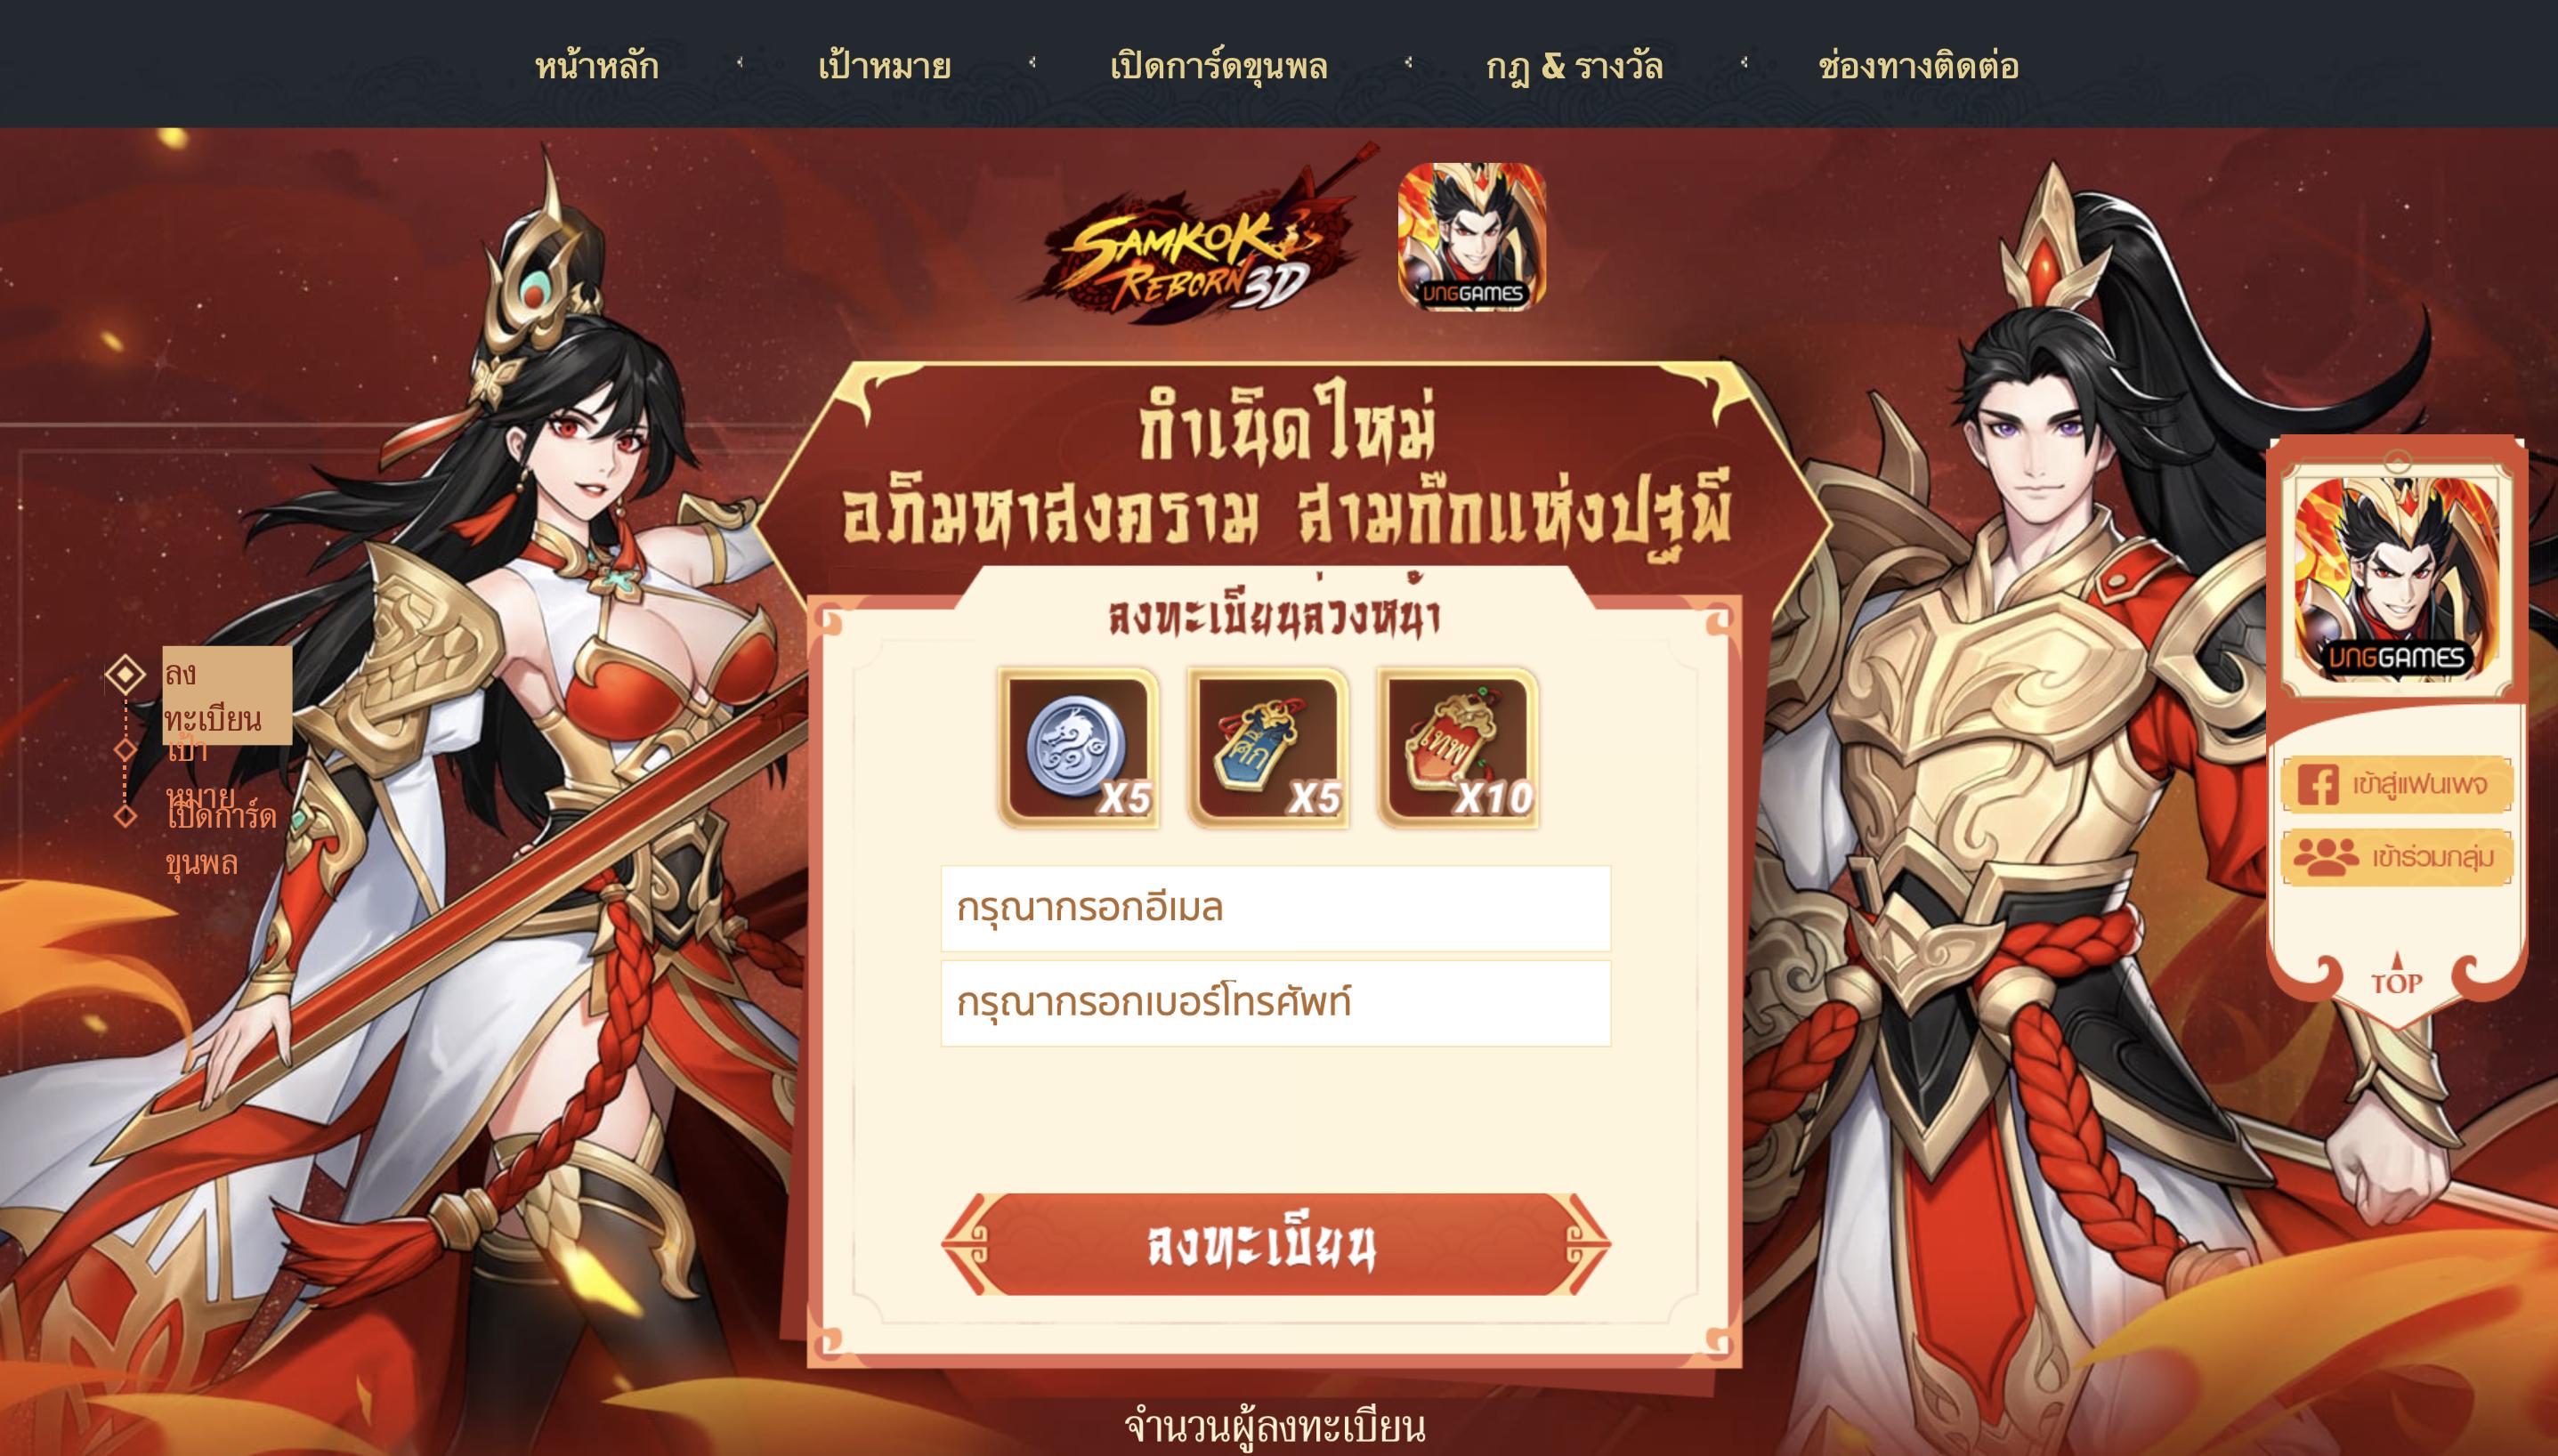 Samkok Reborn 3D 2642021 2